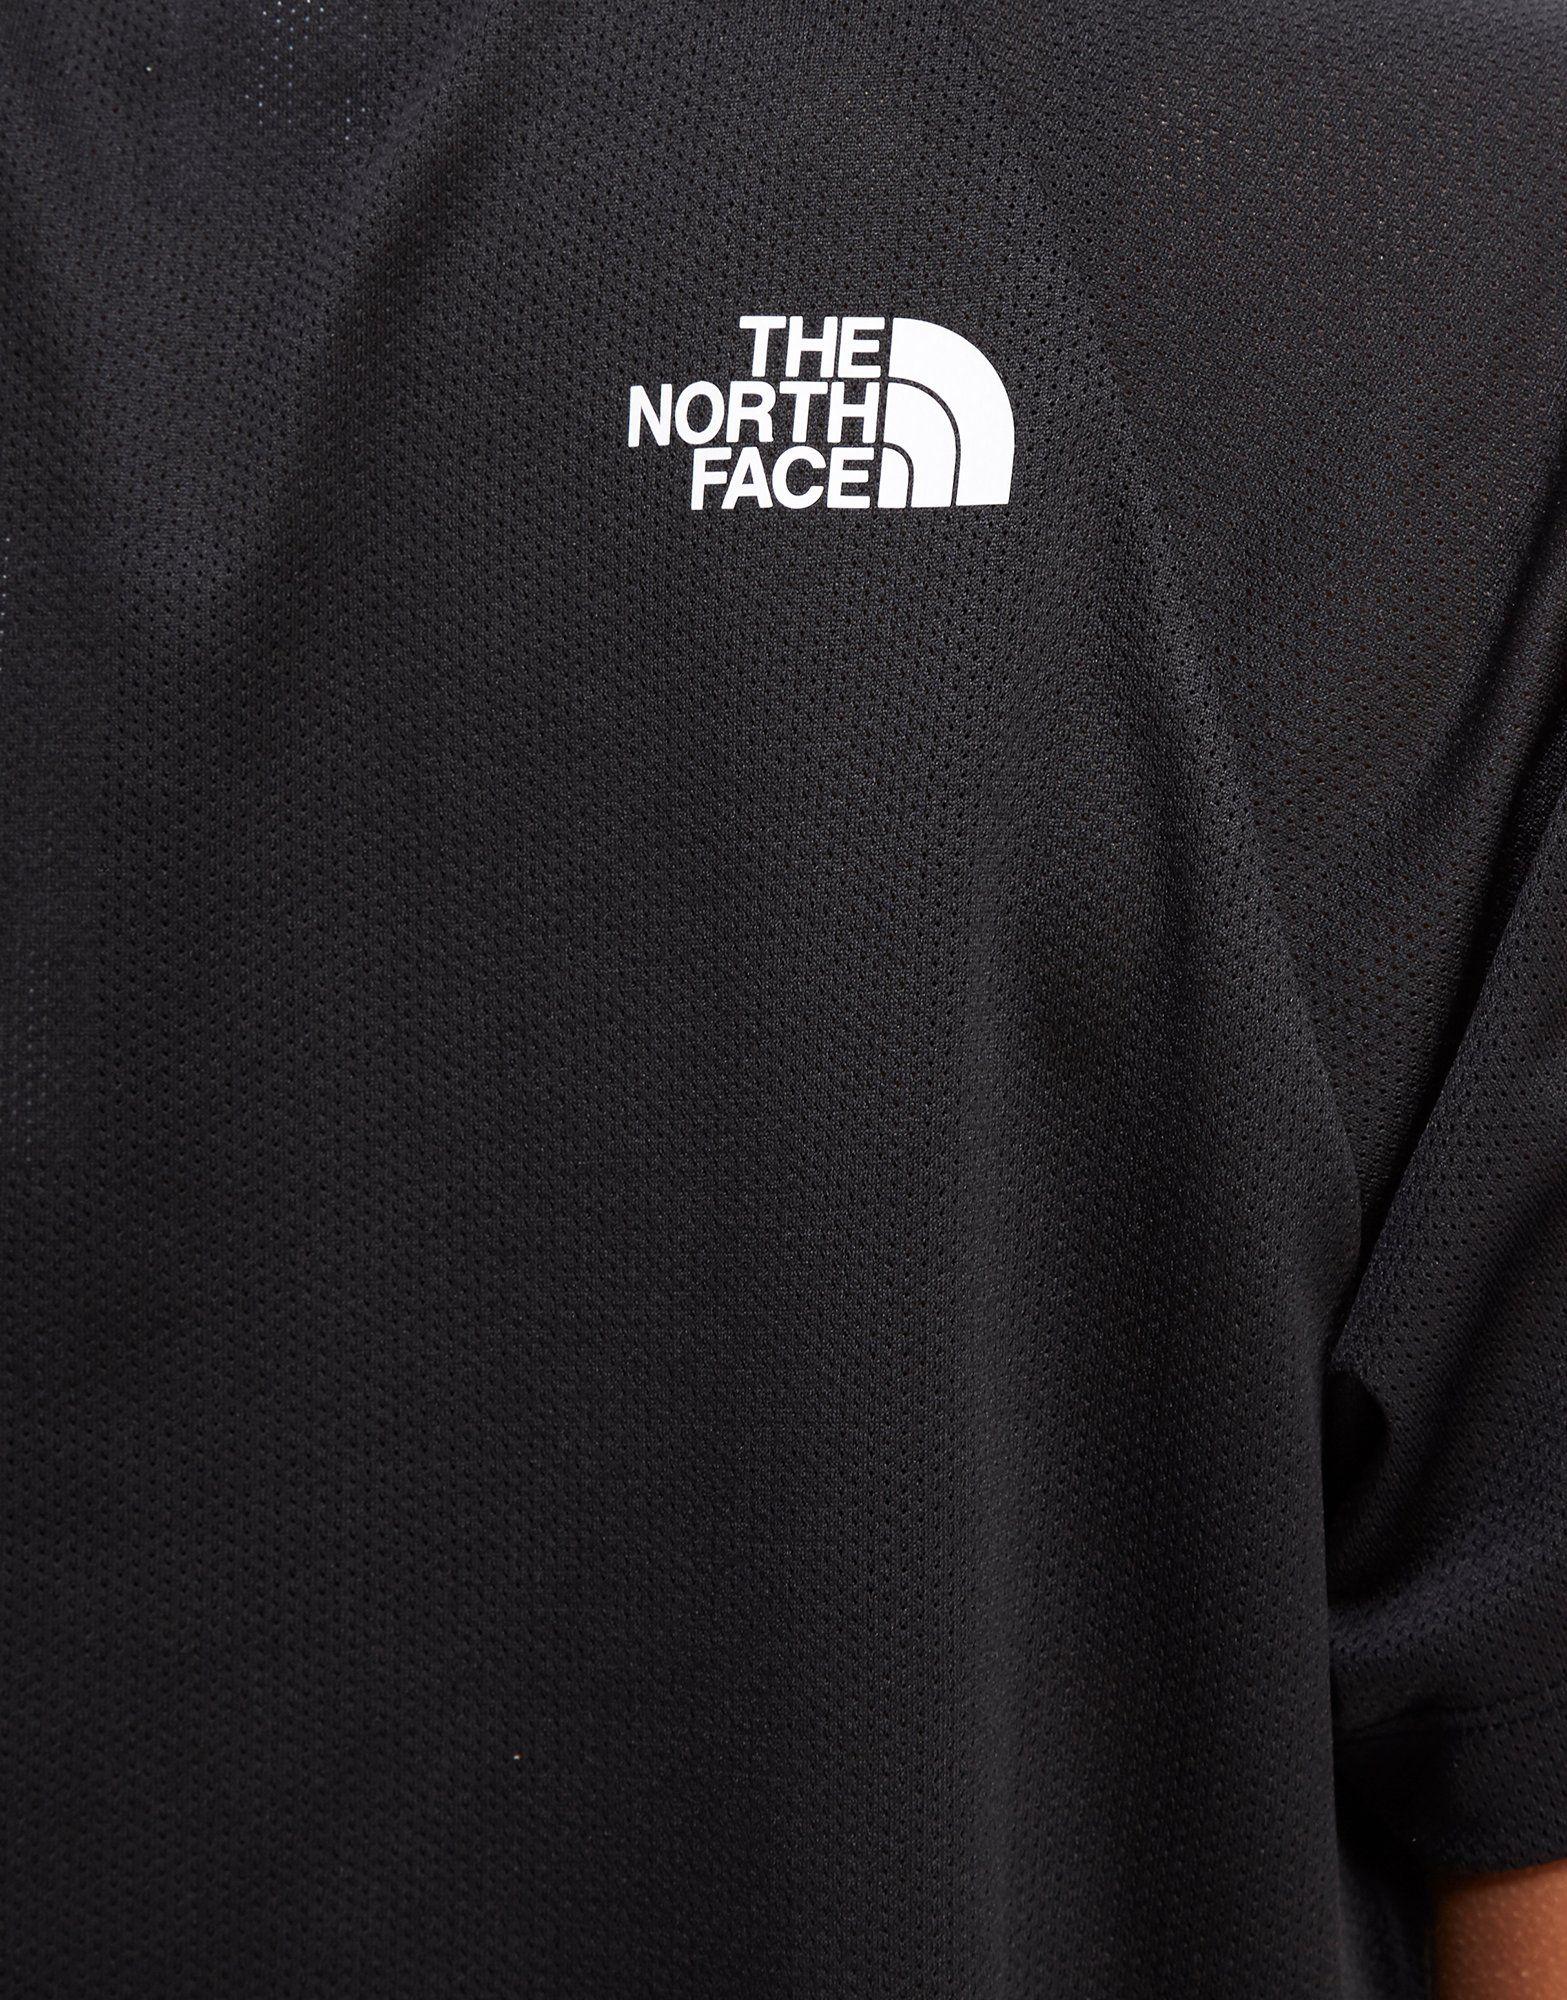 The North Face camiseta Mesh Crop